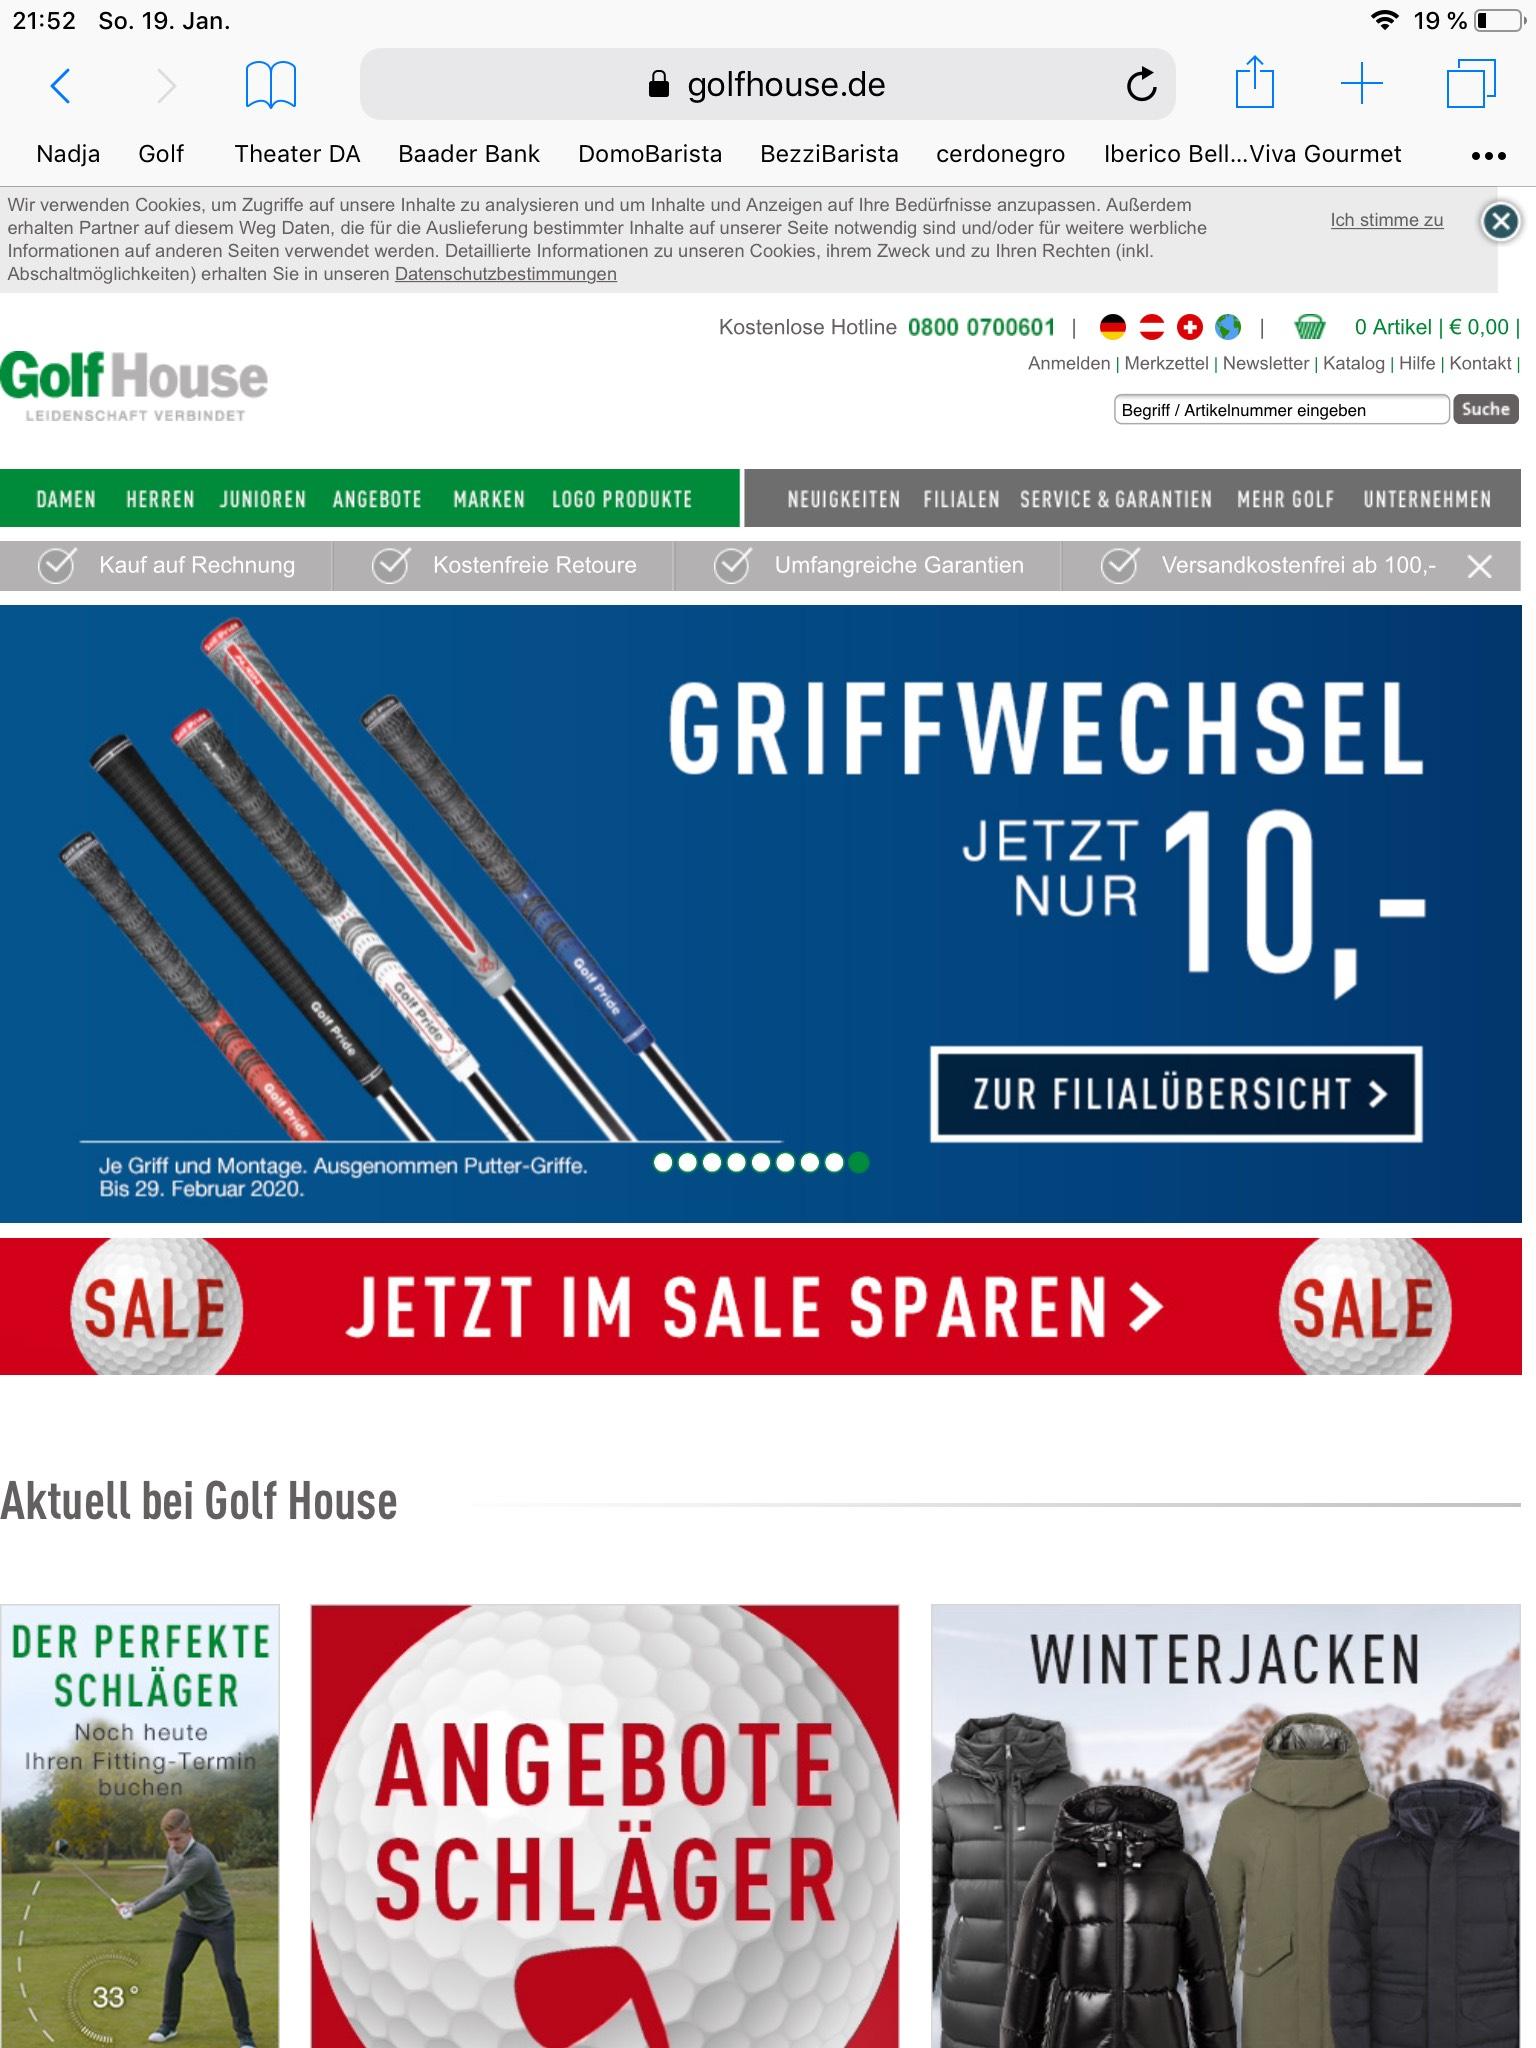 Griffwechsel wieder für 10€ im Golfhouse.